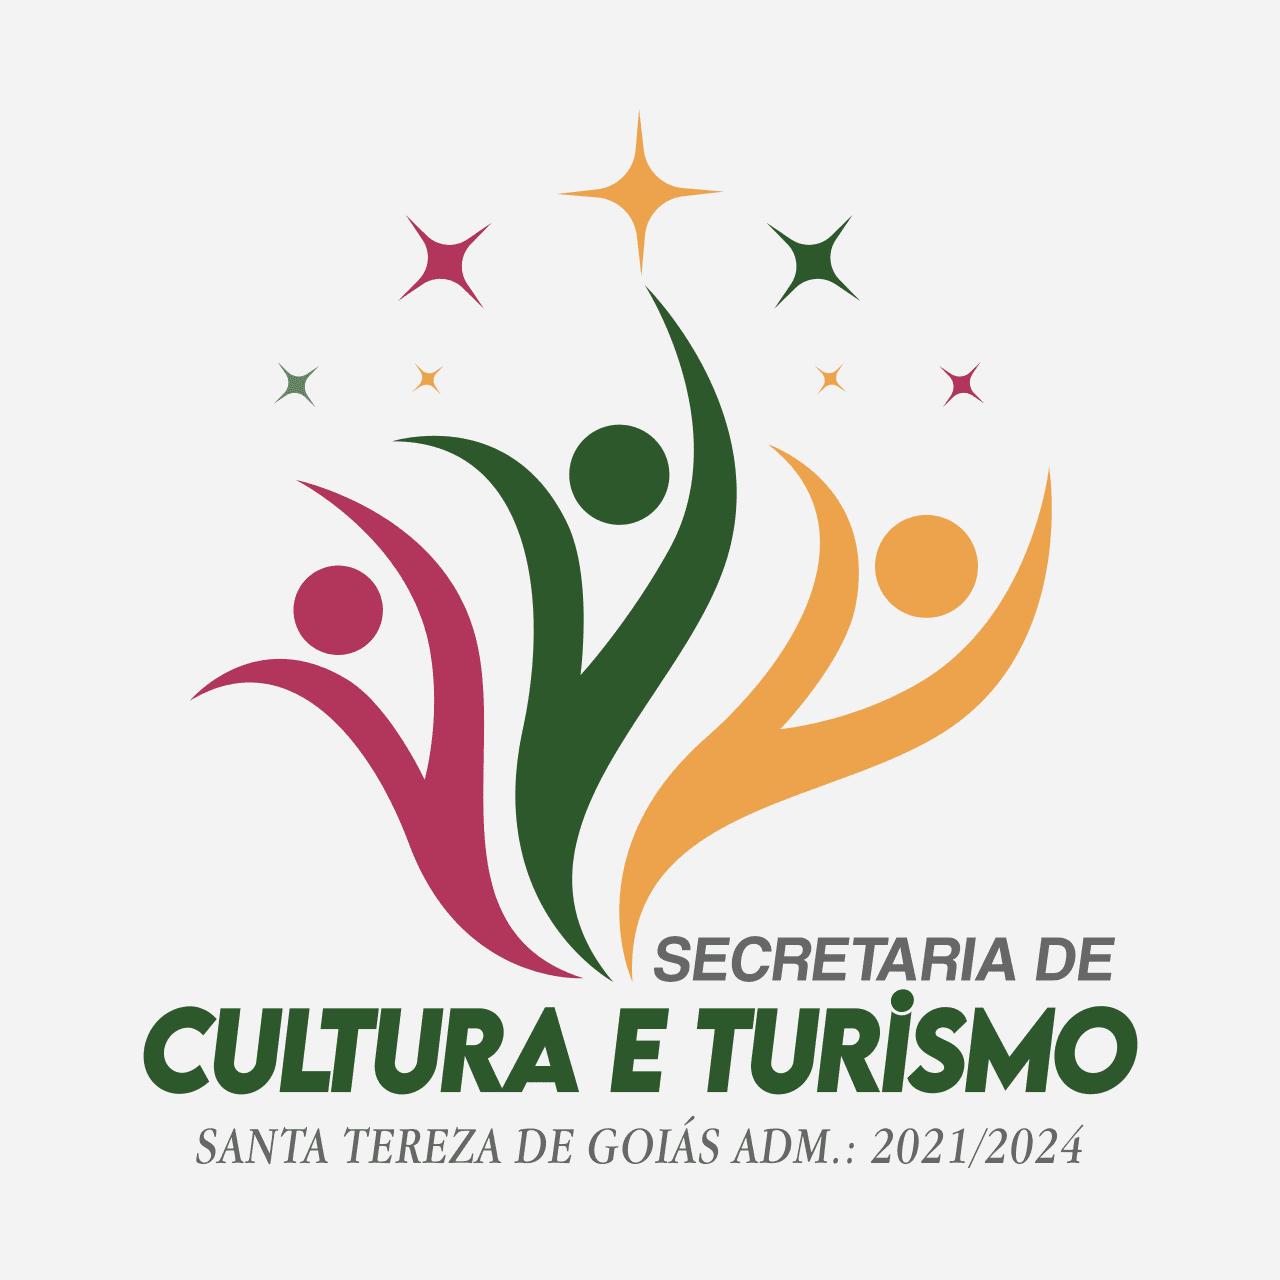 LOGO SEC. CULTURA E TURISMO - 2021-2024